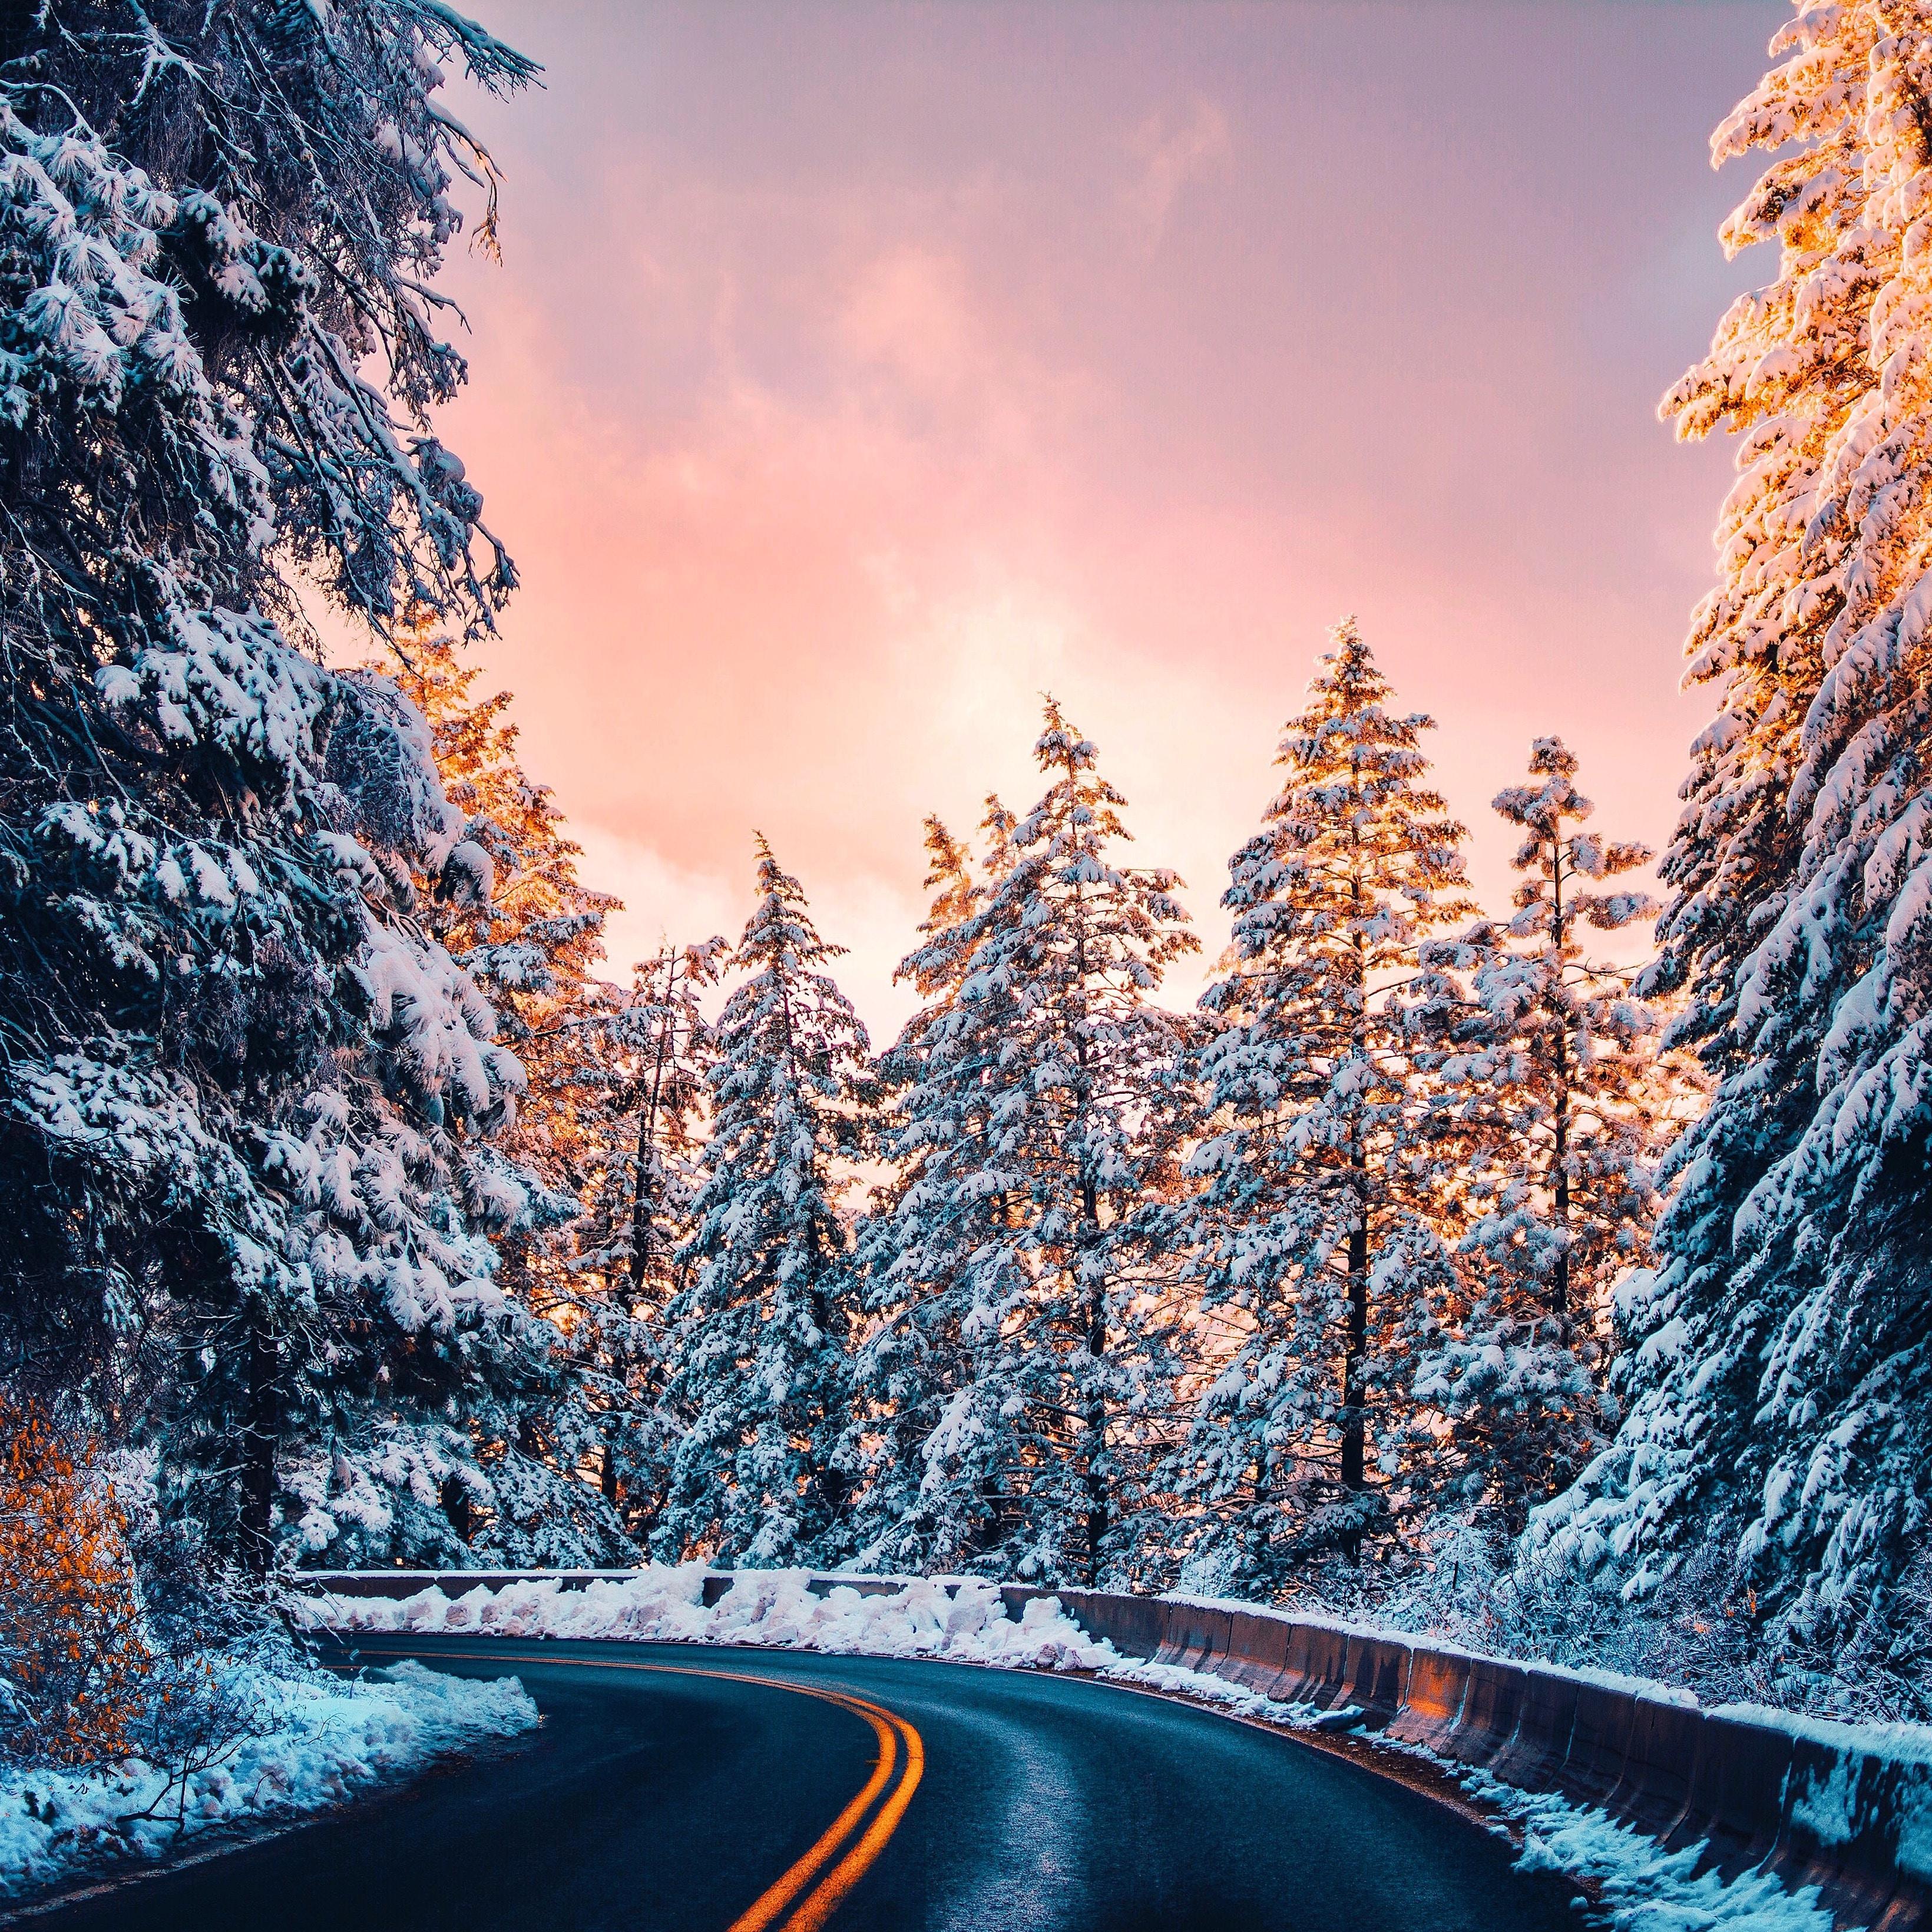 136806 скачать обои Снег, Закат, Дорога, Природа, Деревья, Поворот - заставки и картинки бесплатно